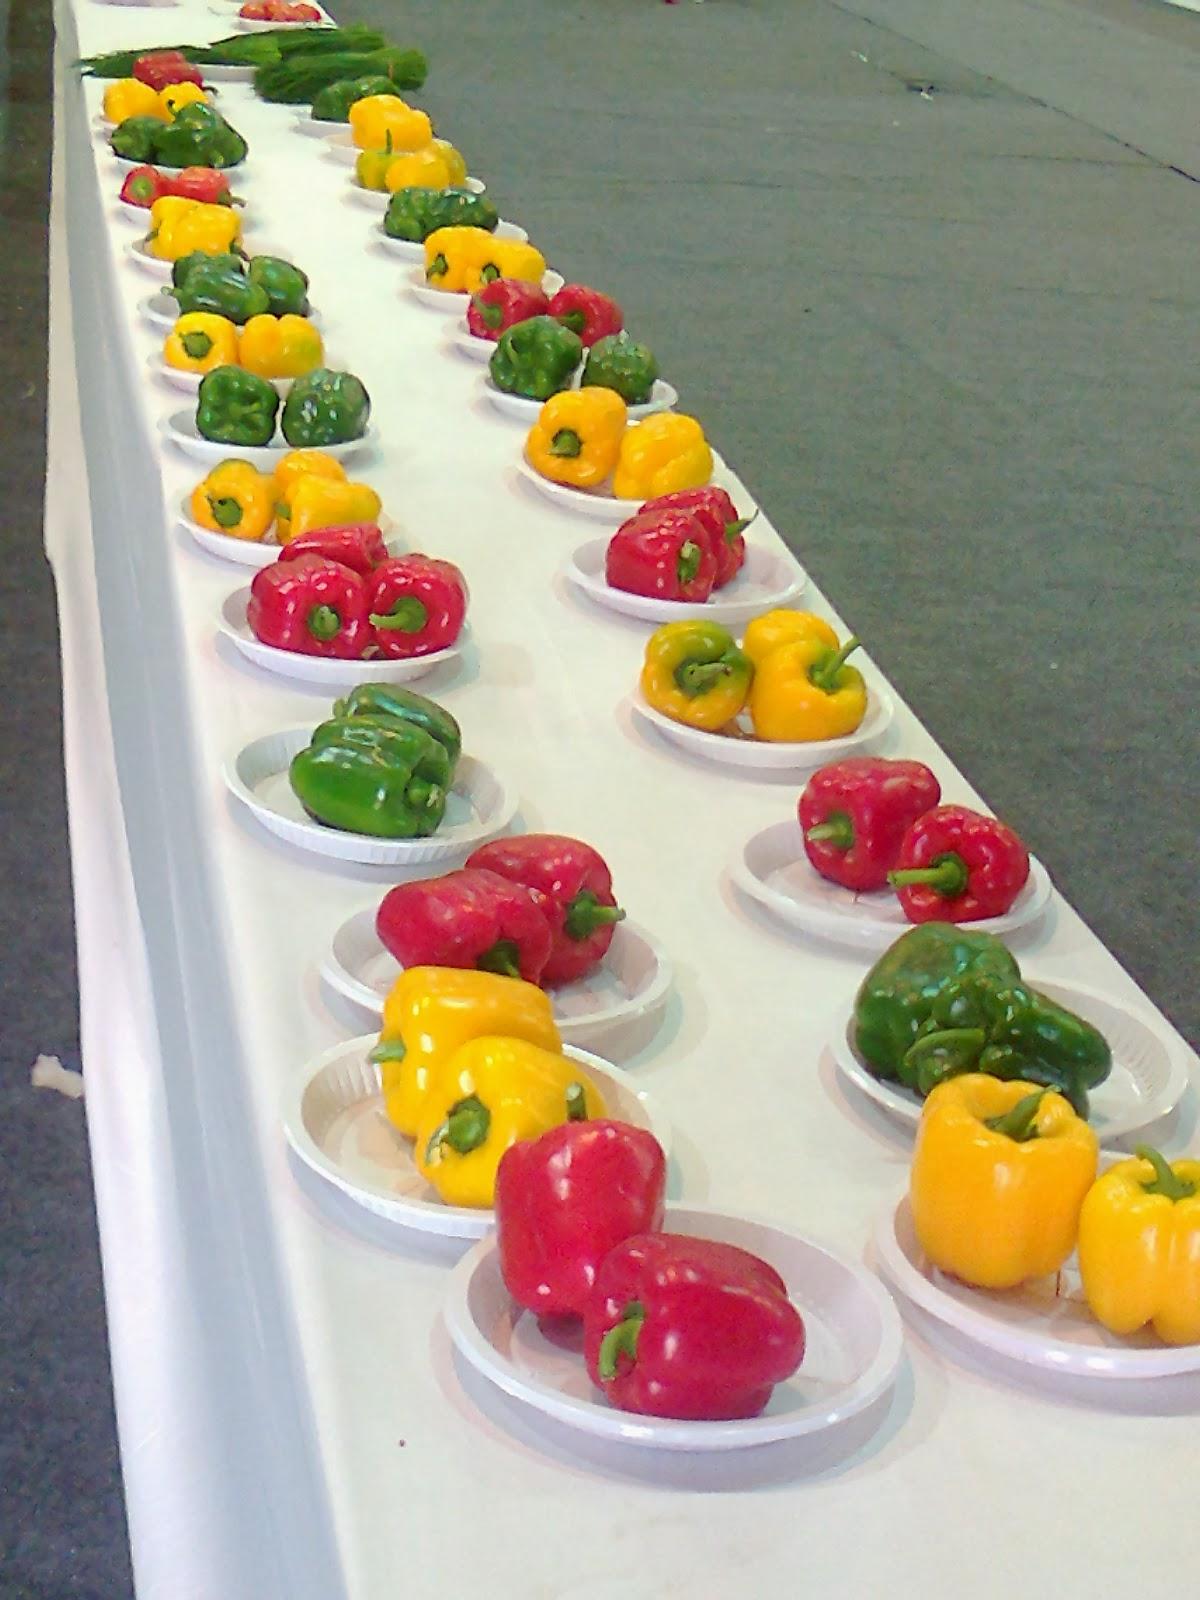 capsicum chili hybrid variety